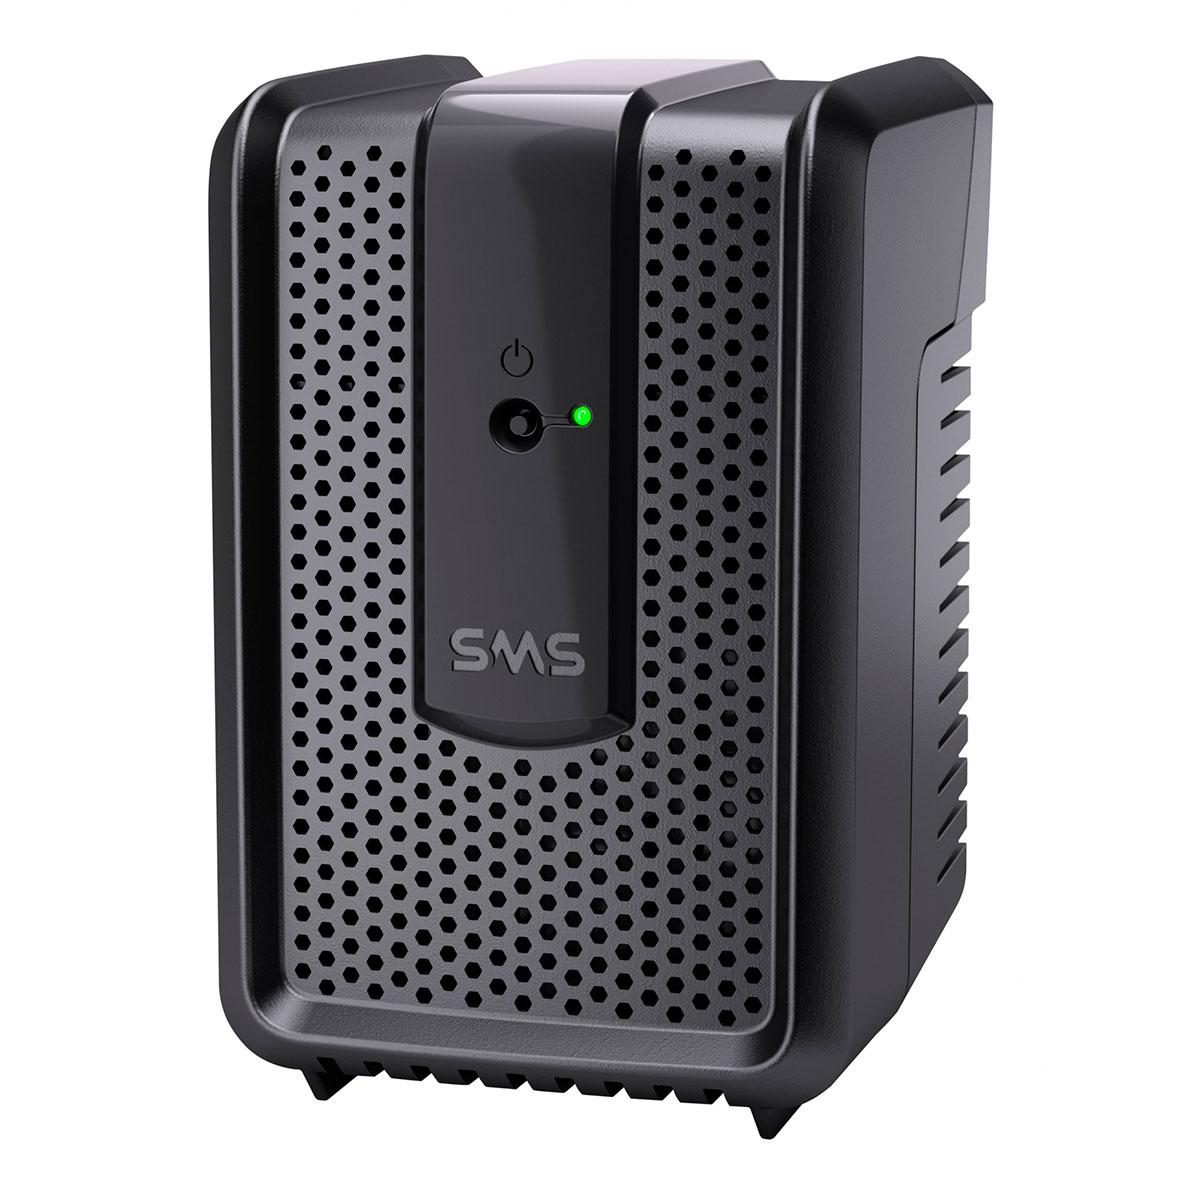 Estabilizador SMS Revolution Speedy 300VA, Entrada Bivolt Automático, Saída 115V, 4 Tomadas - 15970